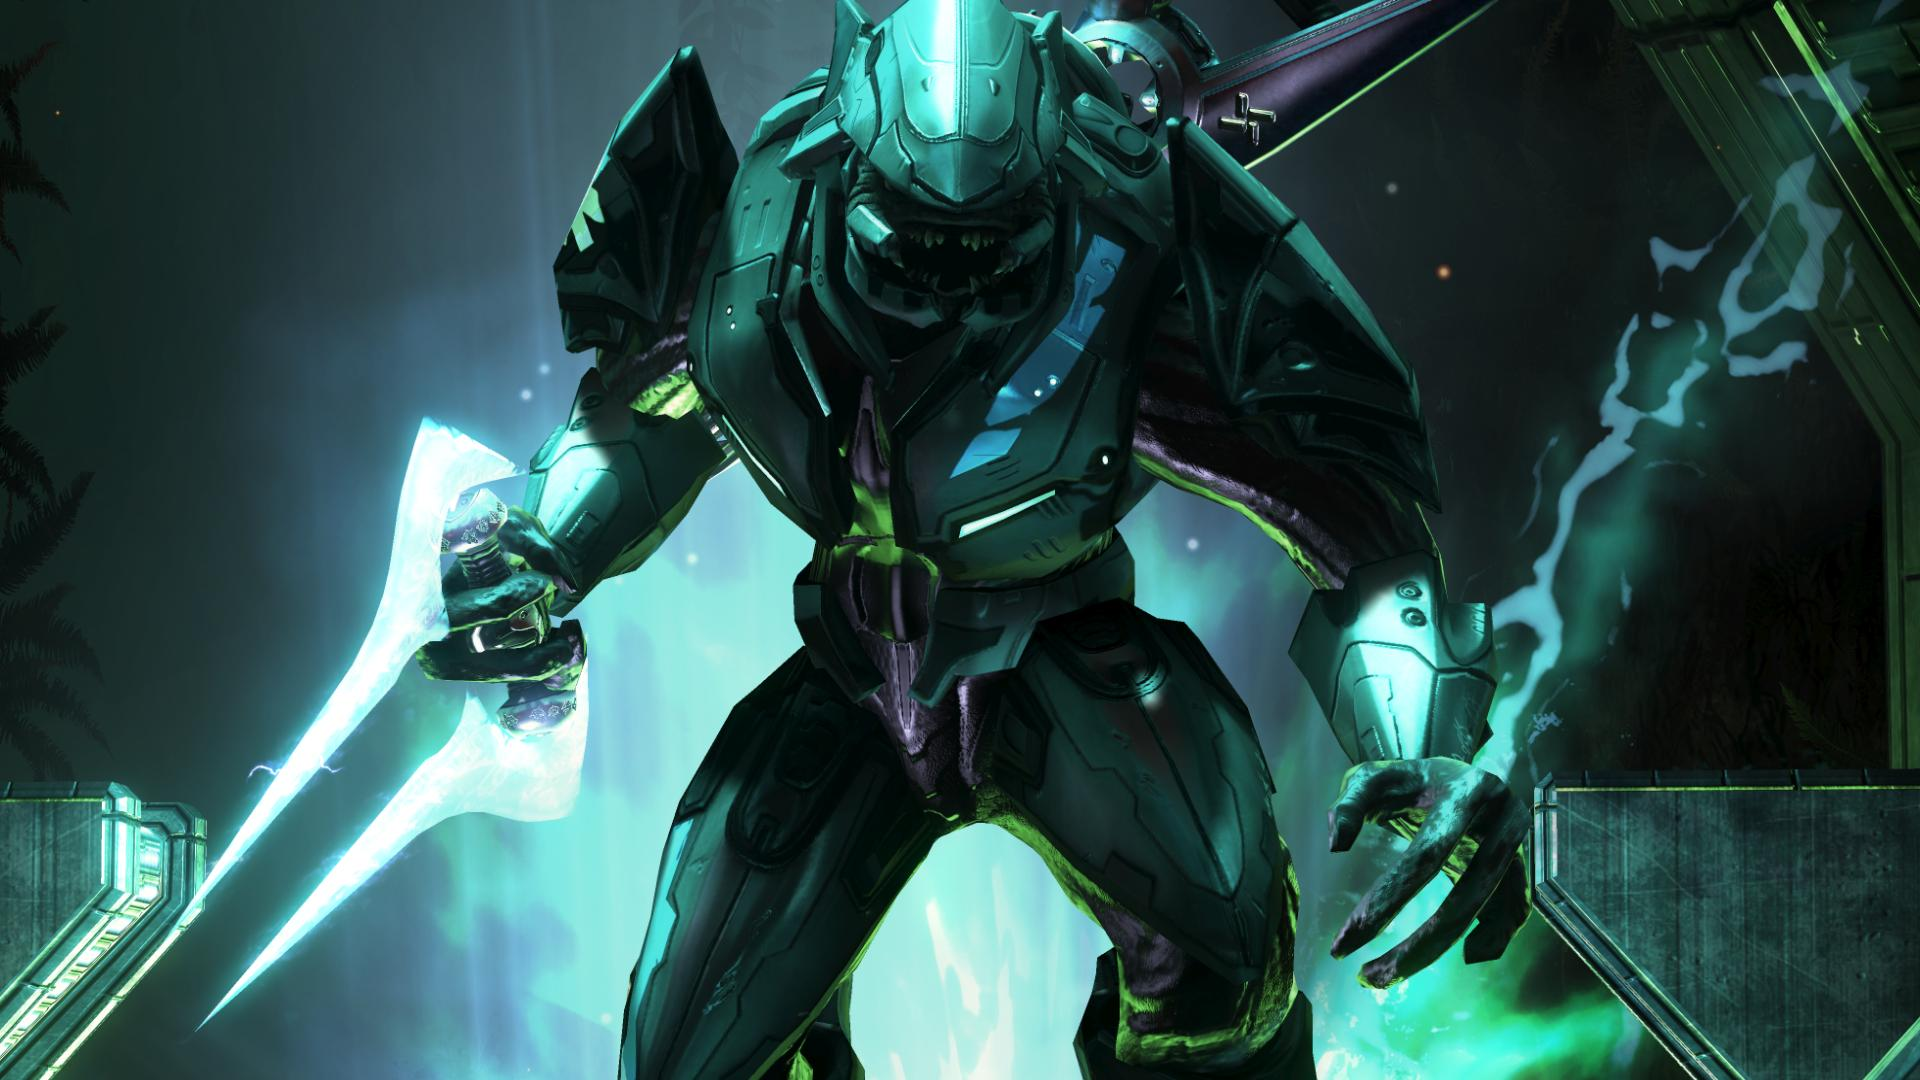 Halo Elite Wallpaper - WallpaperSafari